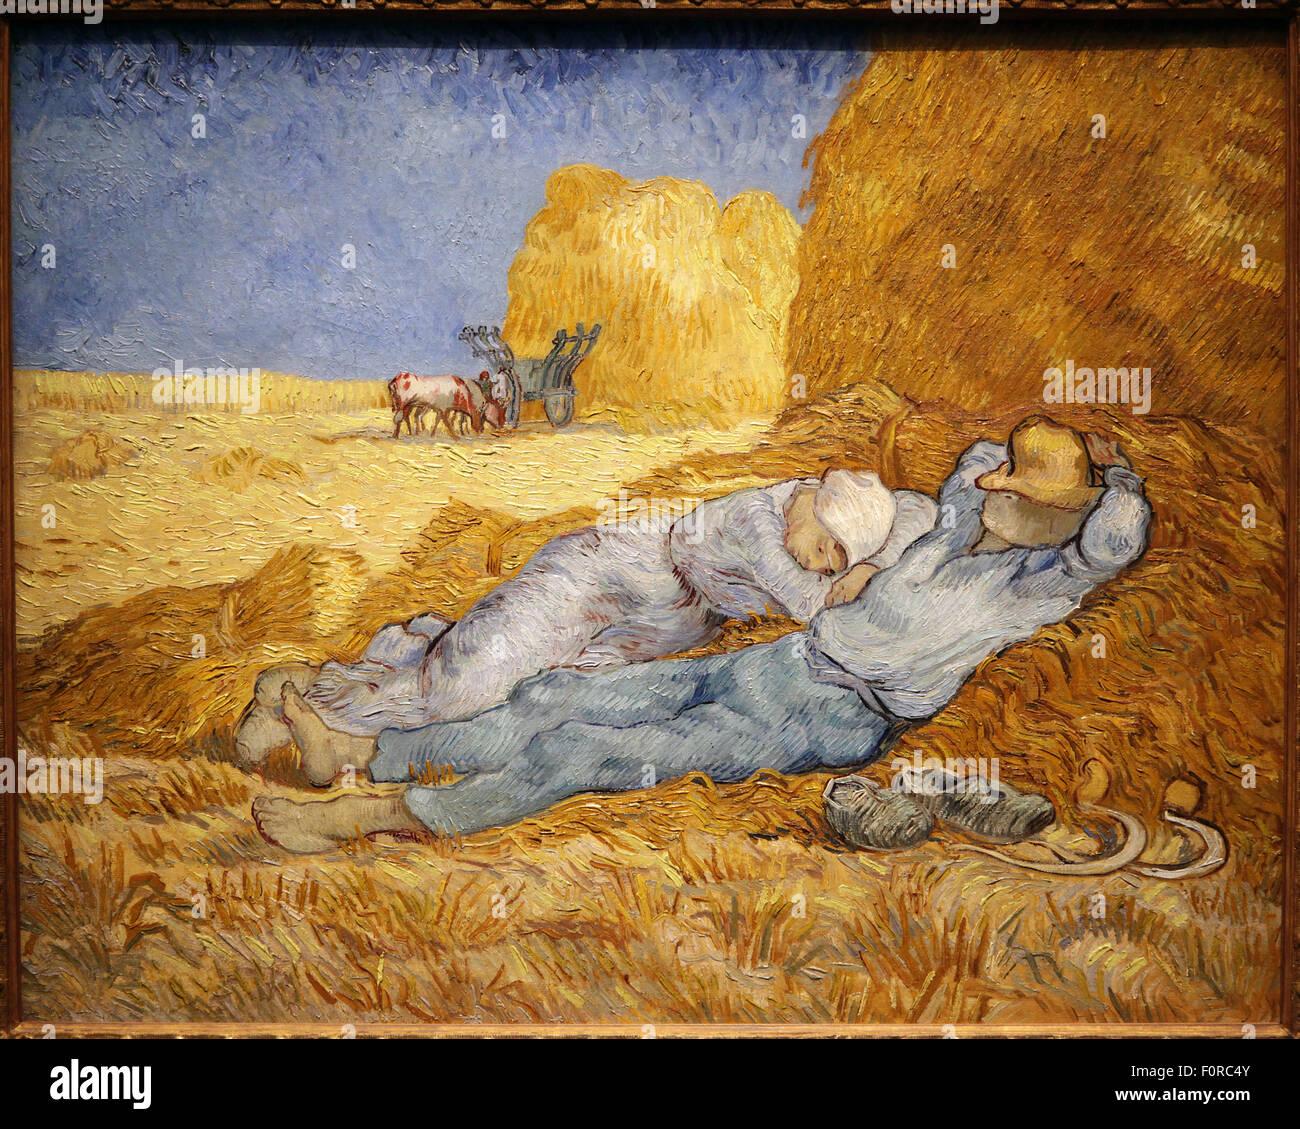 The Siesta after Millet 1889 Vincent van Gogh 1853-1890 - Stock Image